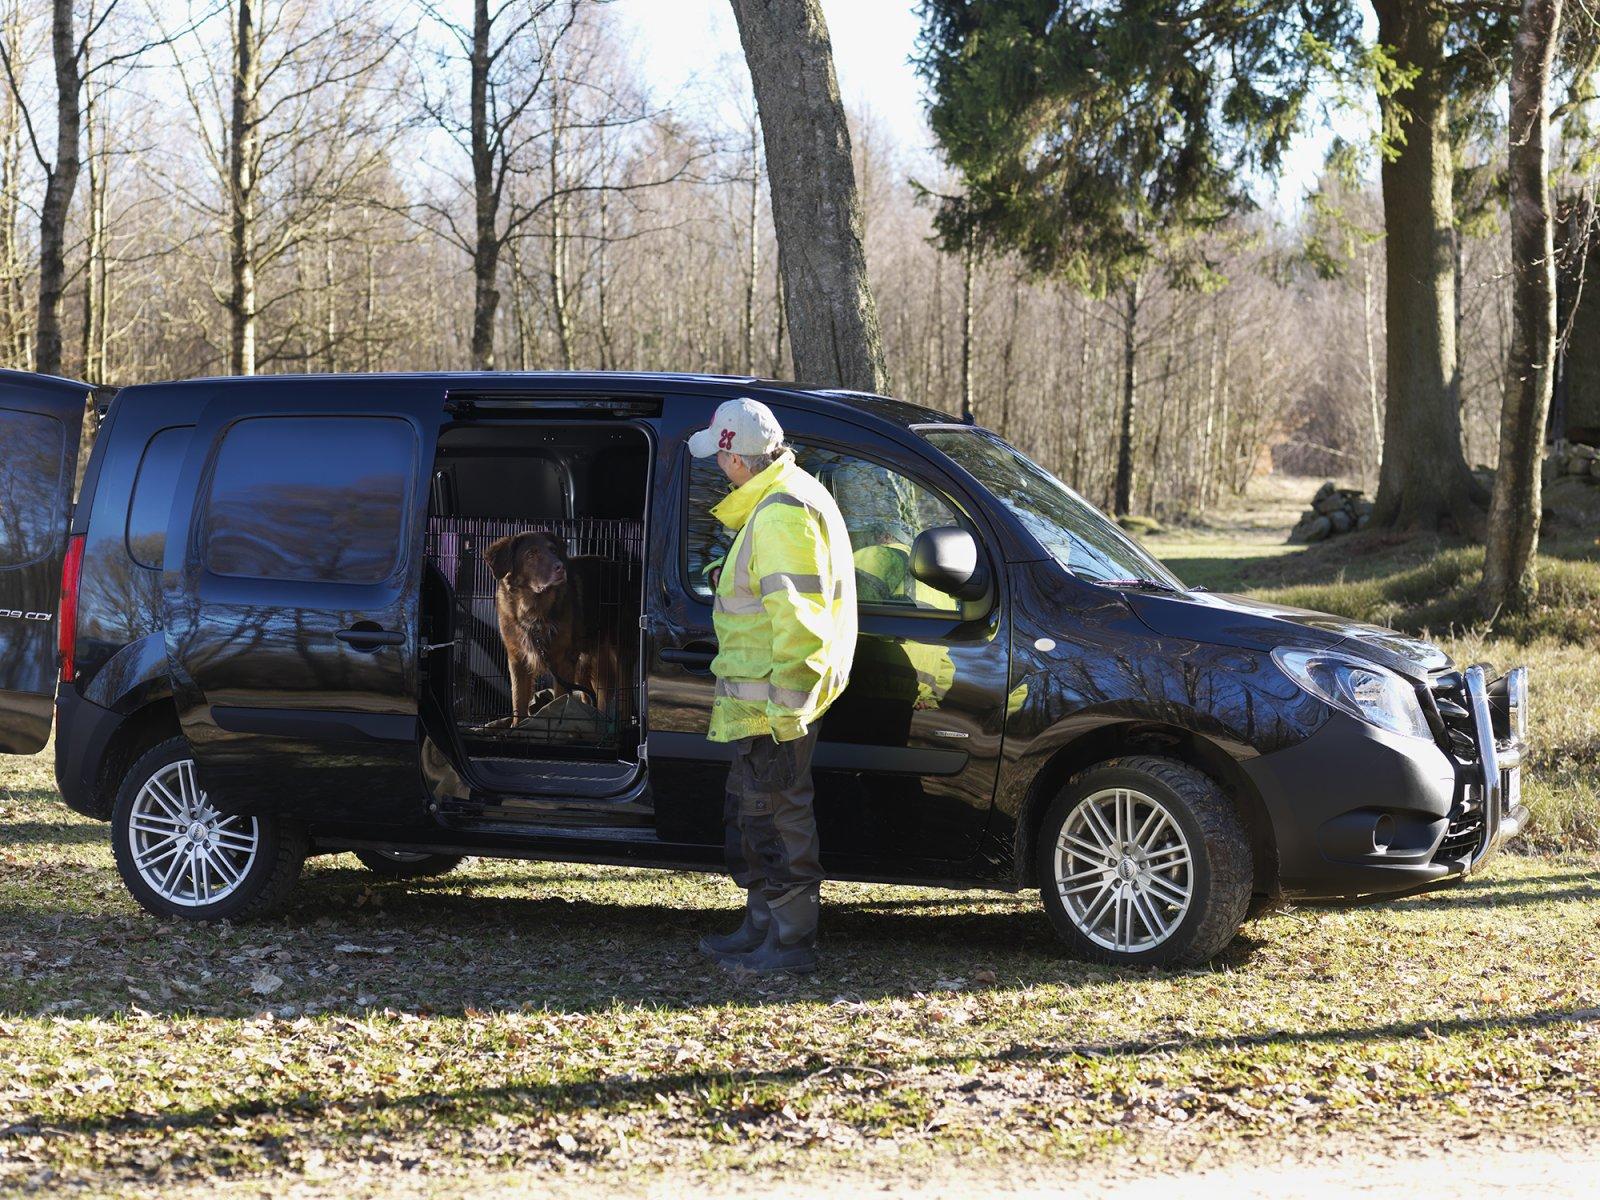 Hundarna åker säkert i Citan, i var sin transportbur som går att fästa och ta loss enkelt i fästöglorna på Citanens golv.